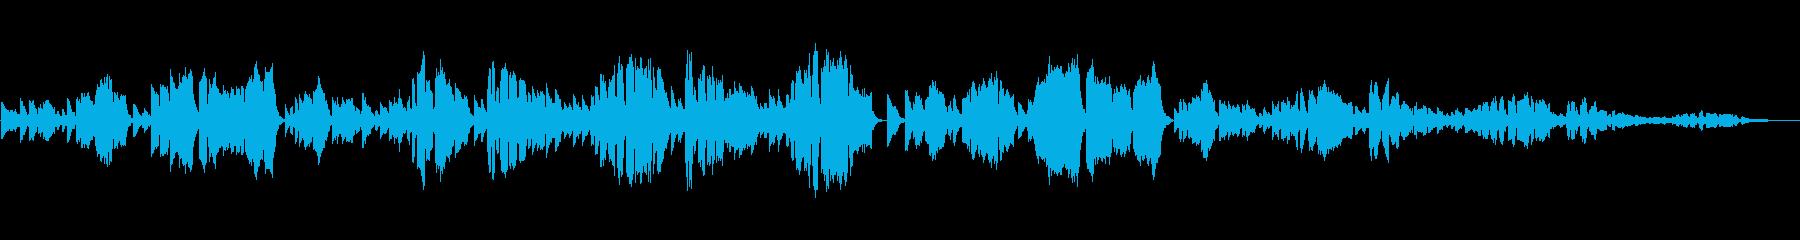 生演奏「行け透明な涙よ」ダウランド/古楽の再生済みの波形